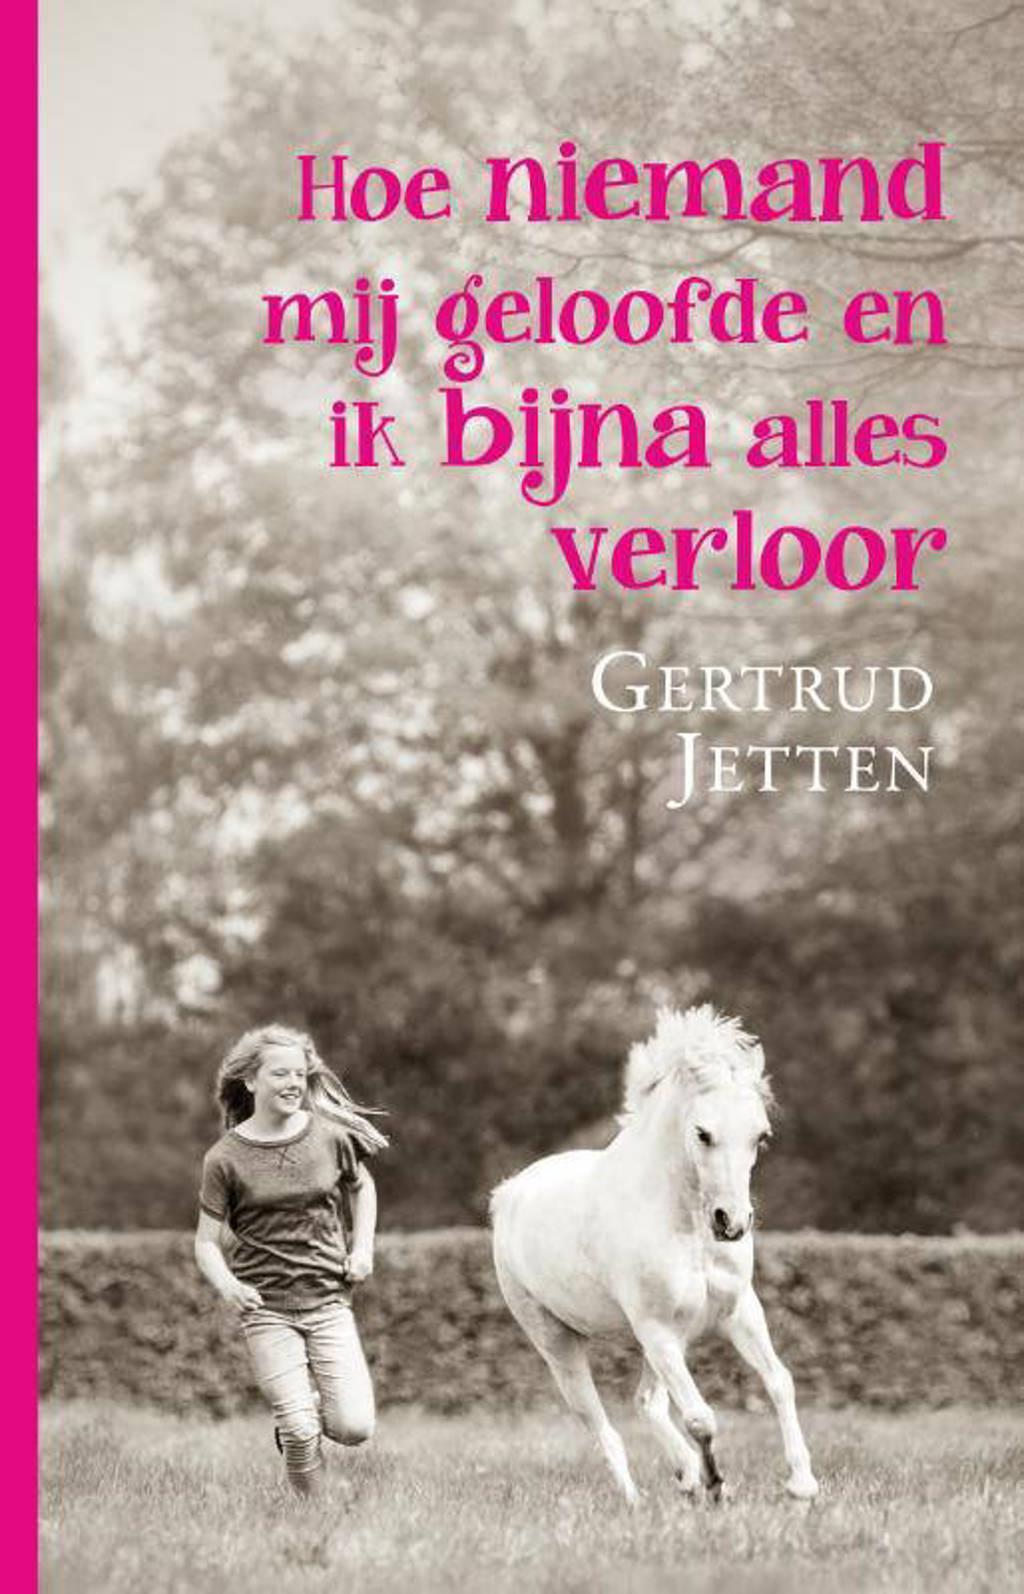 Hoe niemand mij geloofde en ik bijna alles verloor - Gertrud Jetten